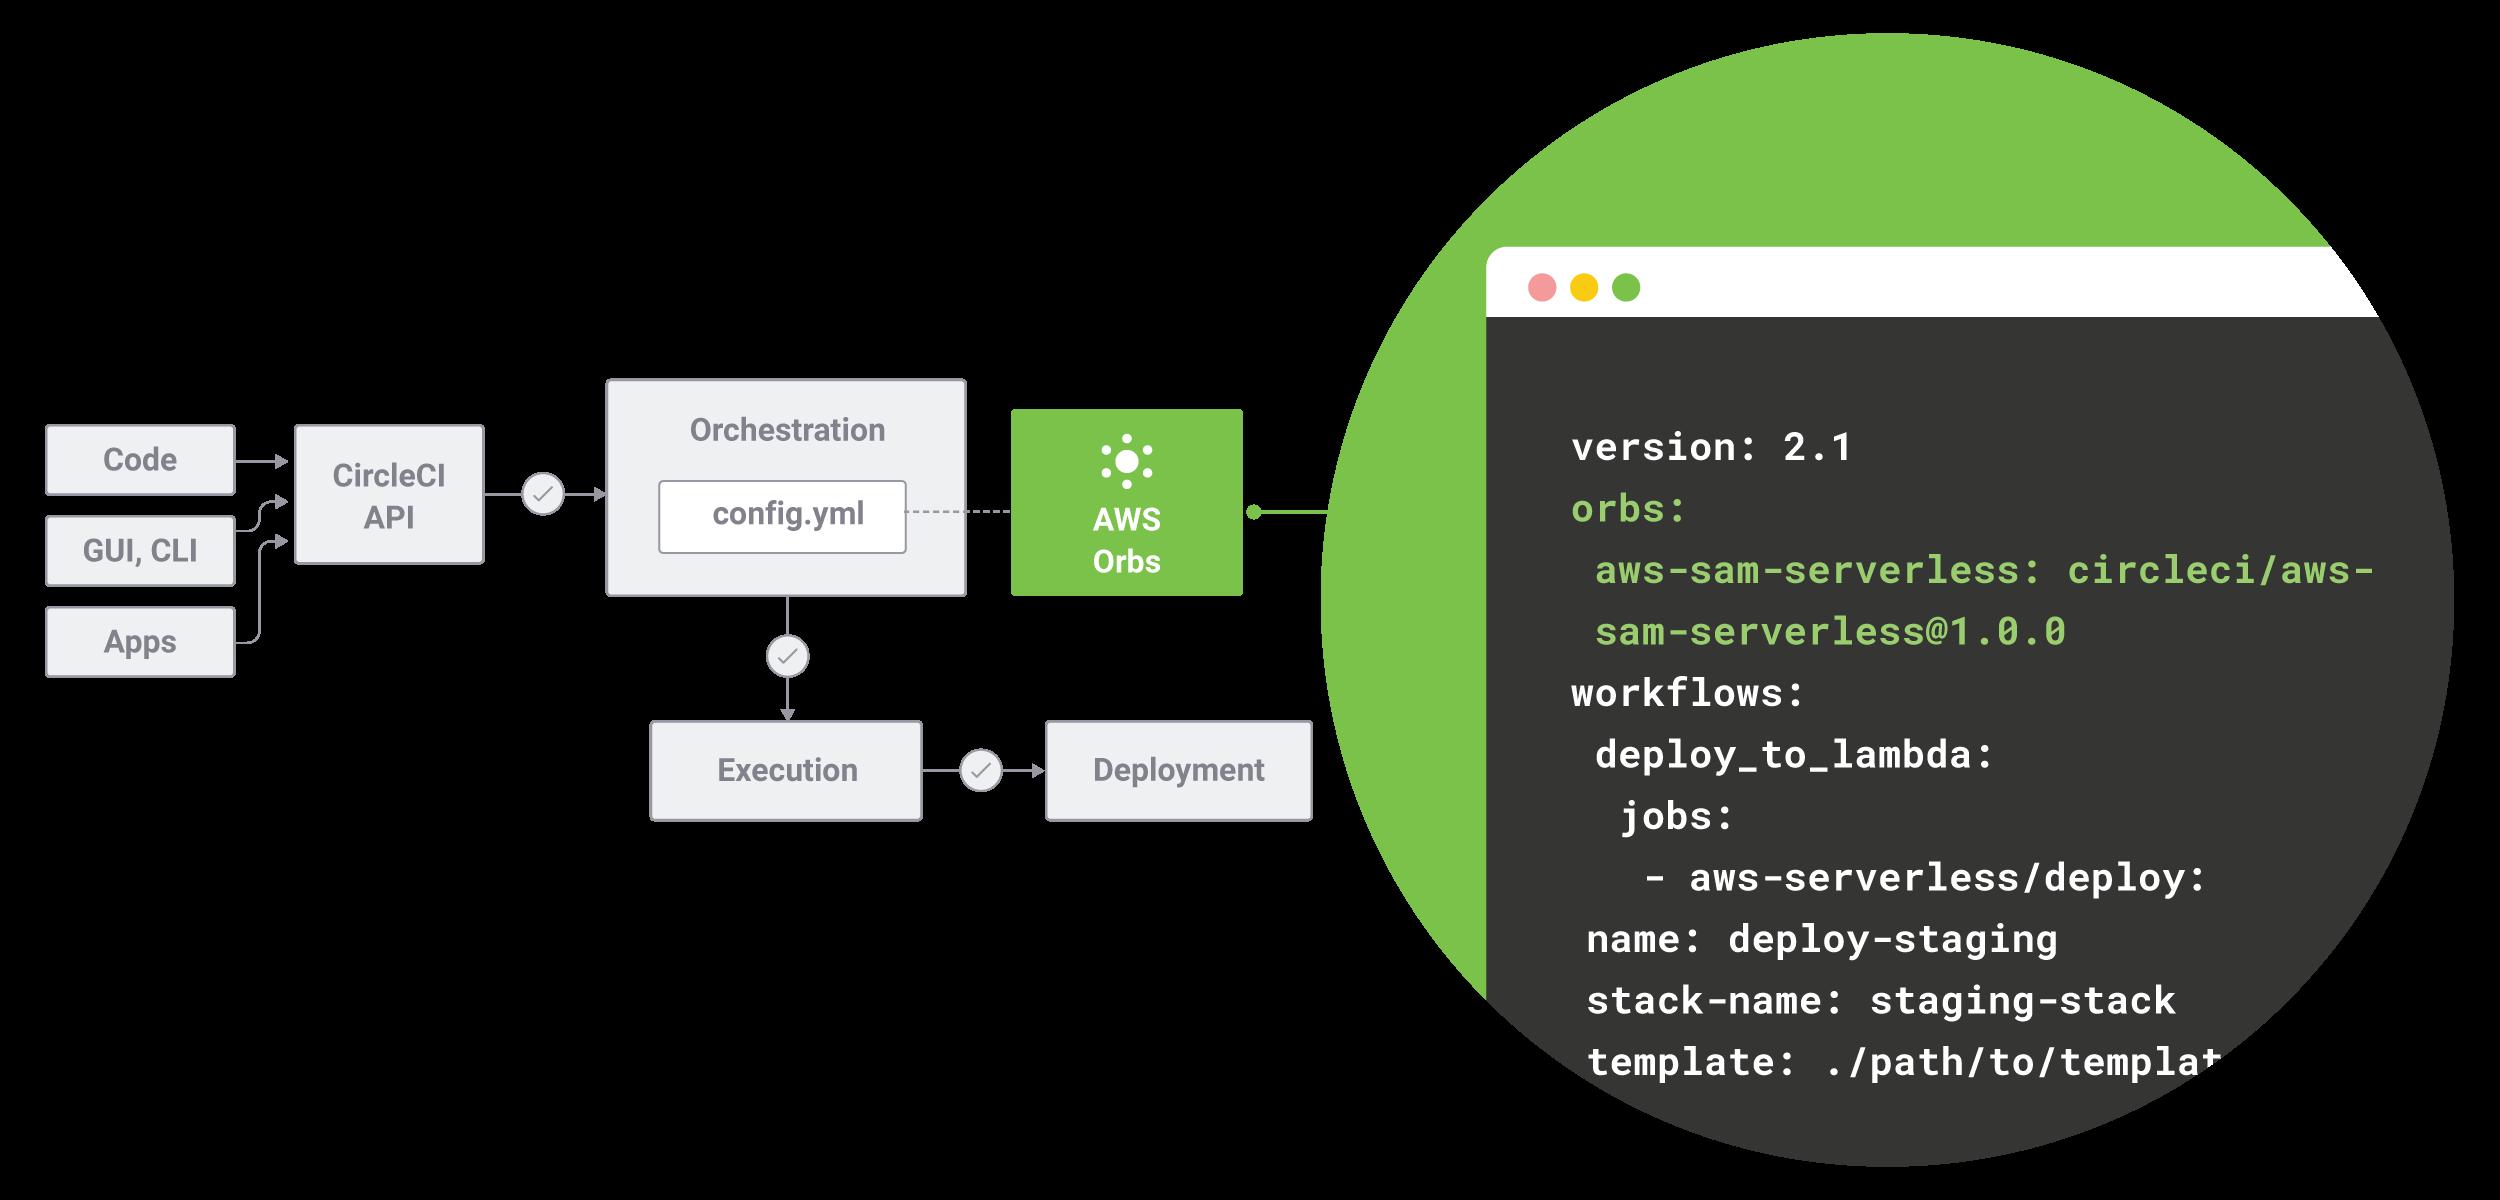 CircleCI パイプライン内で AWS Orbs を使用する config.yml ファイルの図